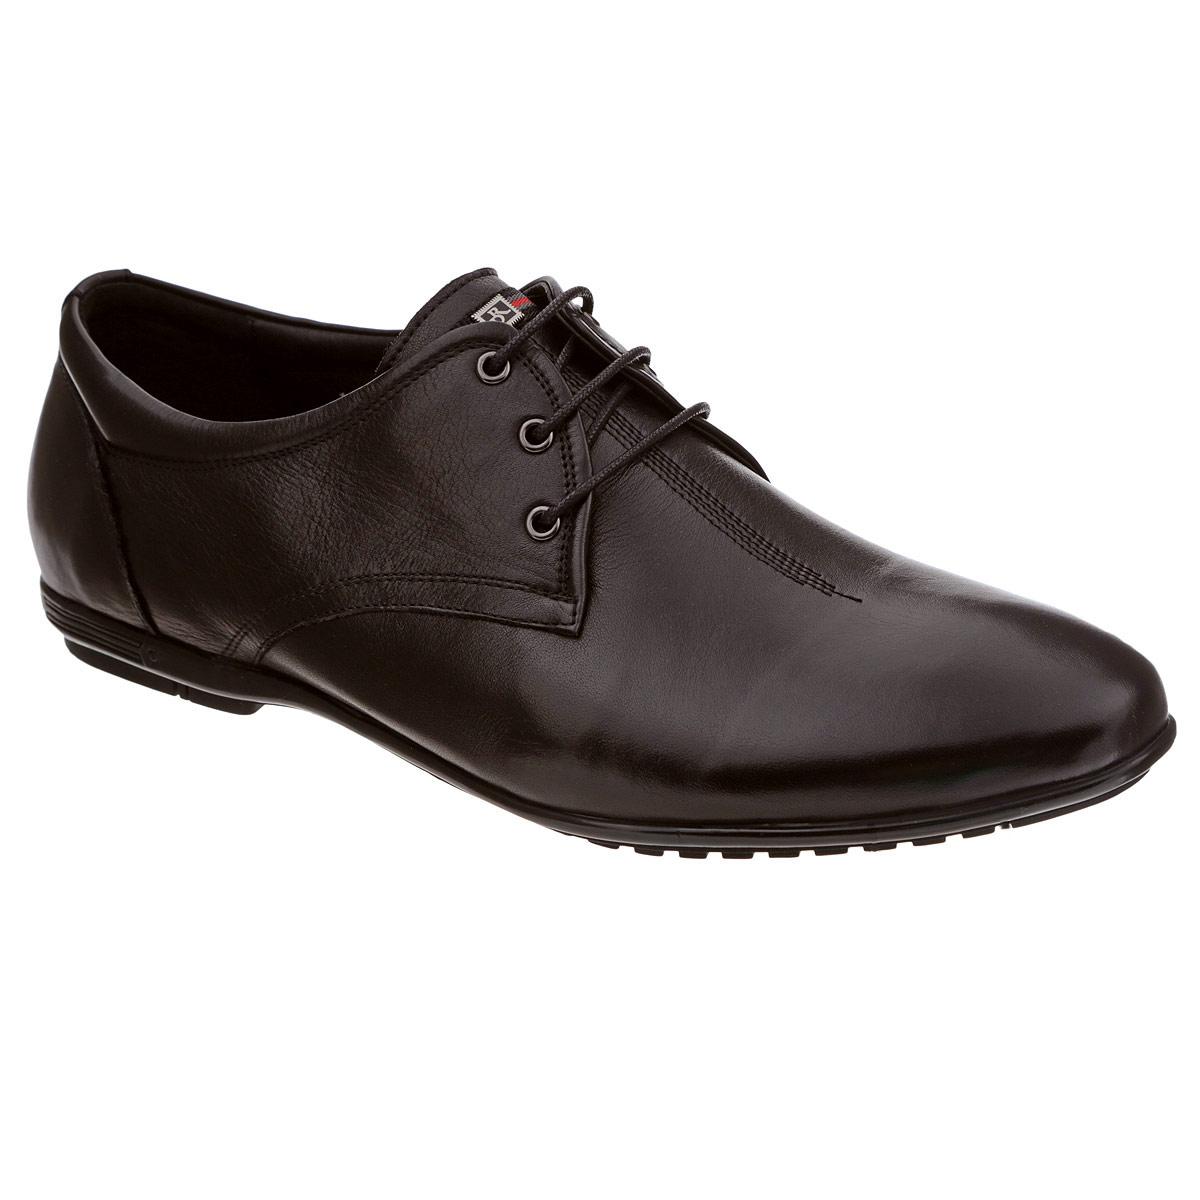 Полуботинки мужские. 105-149-4105-149-47Стильные мужские полуботинки от Dino Ricci не оставят вас равнодушным! Модель выполнена из натуральной высококачественной кожи. Язычок оформлен нашивкой и небольшой металлической пластиной с логотипом бренда. Шнуровка позволяет прочно зафиксировать обувь на ноге. Стелька из натуральной кожи оснащена перфорацией, позволяющей вашим ногам дышать. Прочная резиновая подошва дополнена противоскользящим рифлением. Модные полуботинки прекрасно впишутся в ваш гардероб.